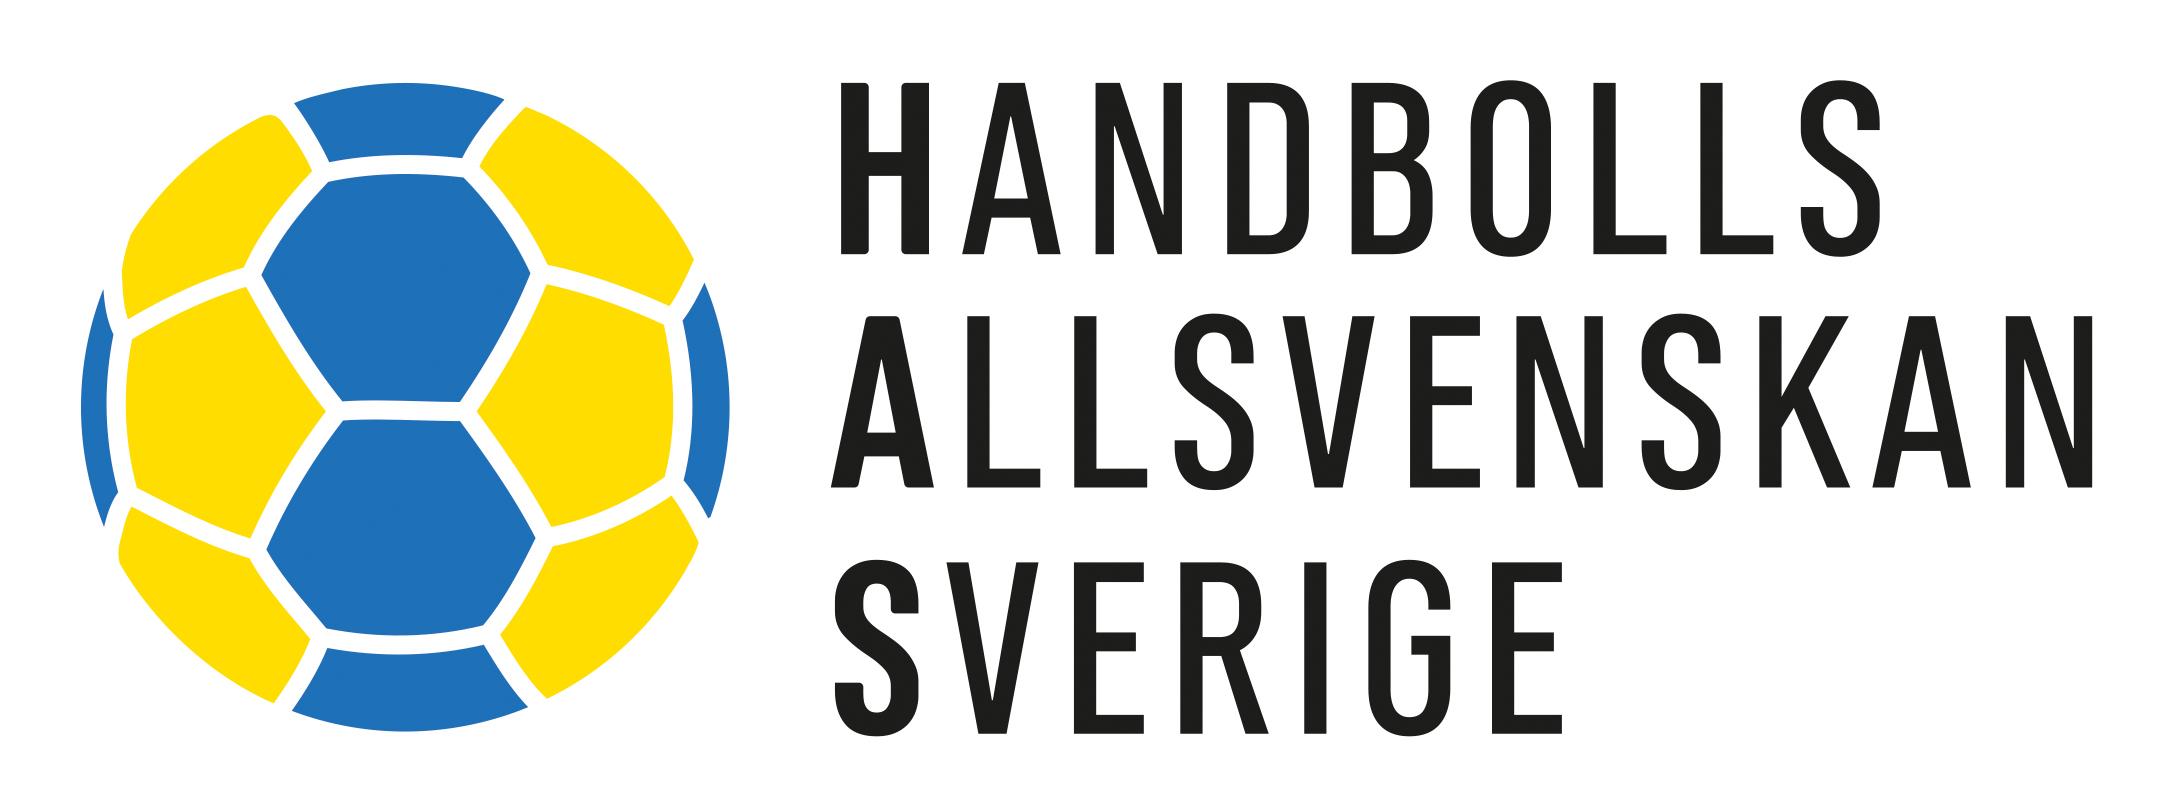 Handbollsallsvenskan Sverige